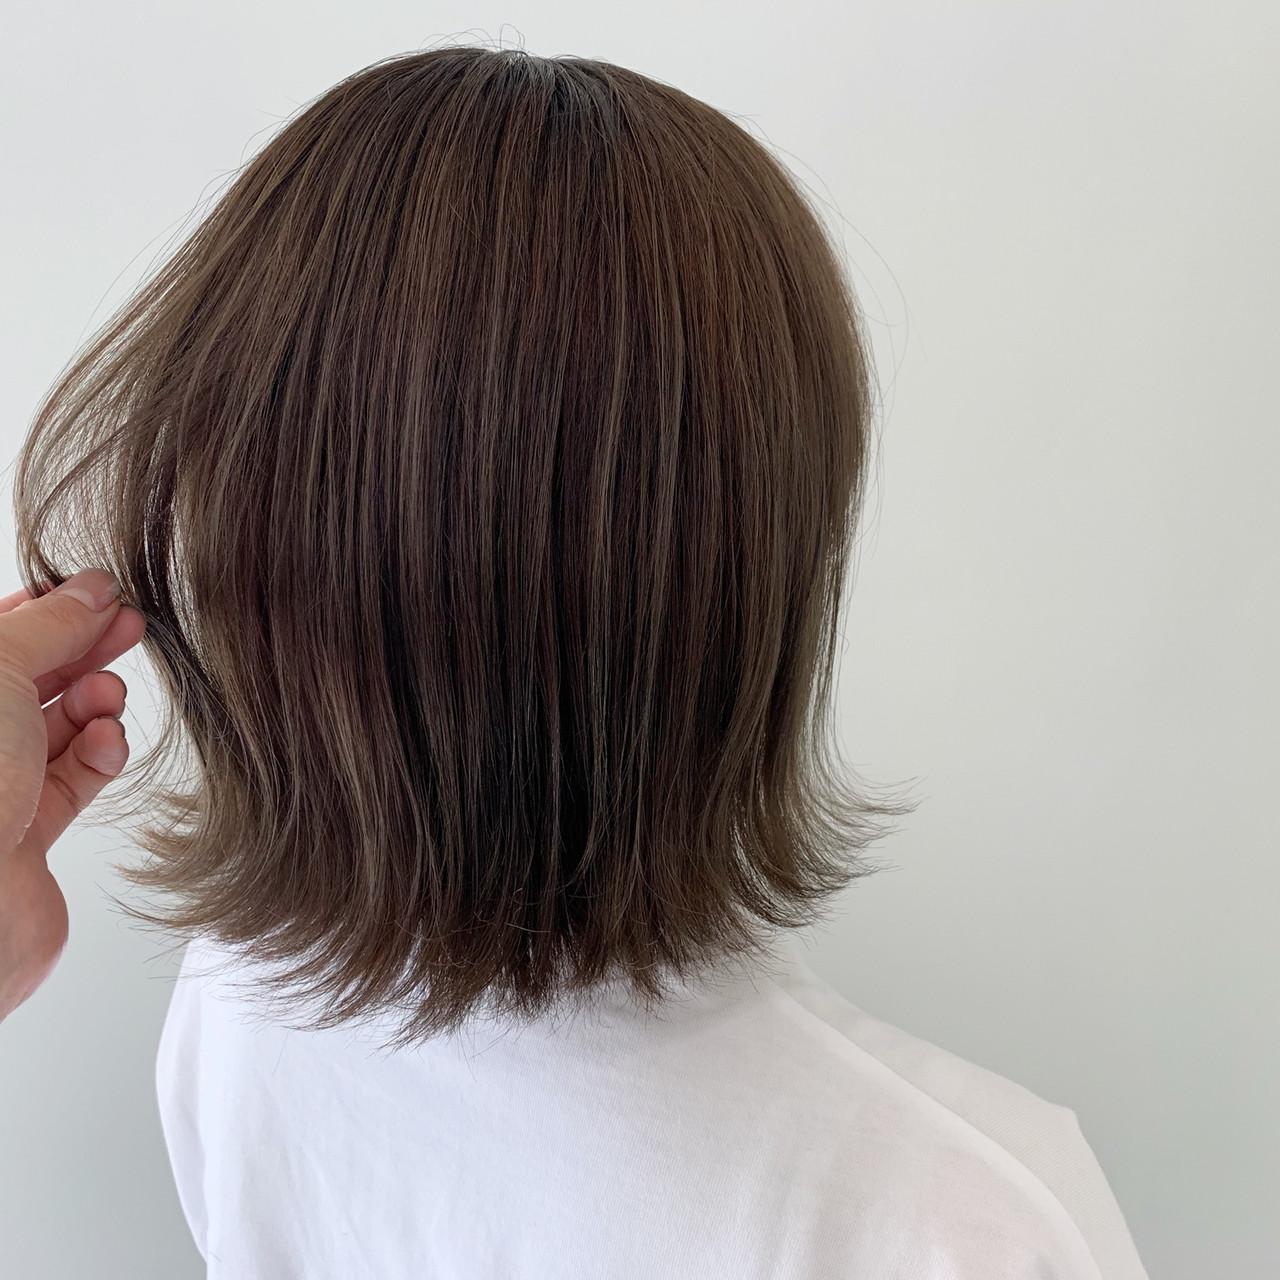 ボブ 簡単ヘアアレンジ 外ハネボブ 切りっぱなしボブ ヘアスタイルや髪型の写真・画像 | 新谷 朋宏 / Free hairstylist shinya